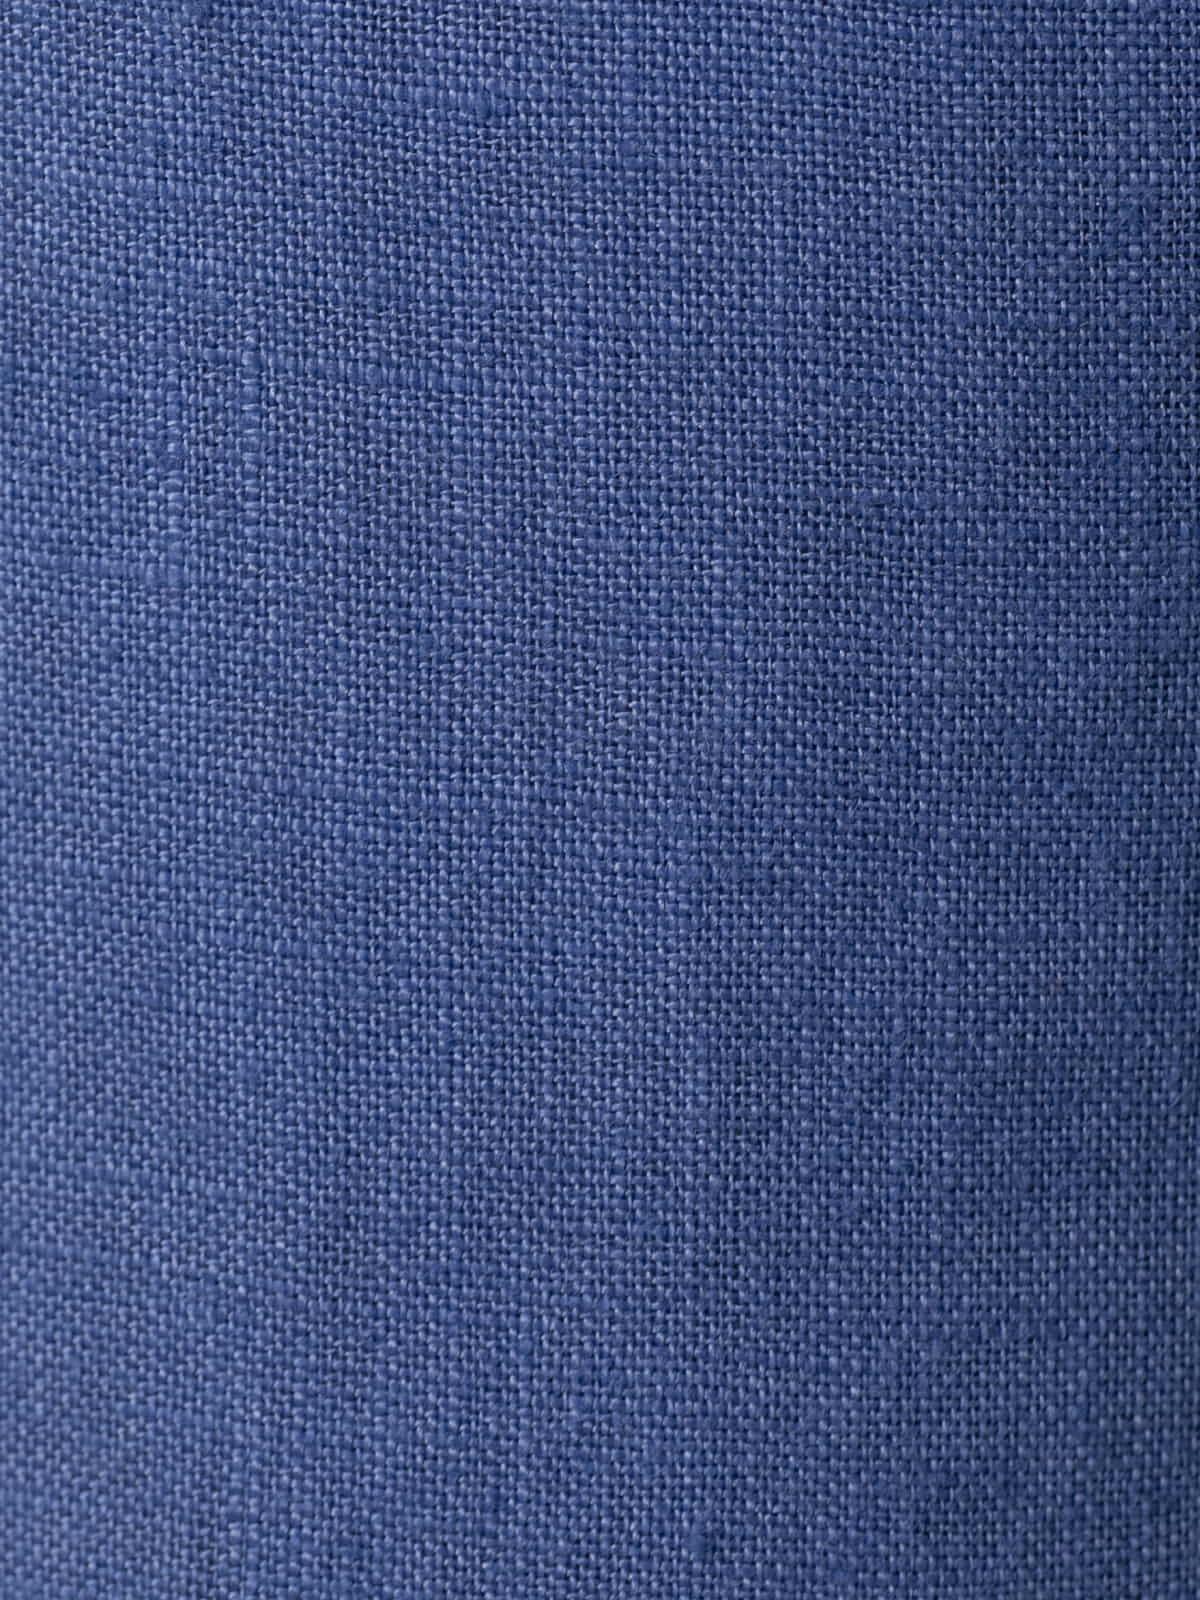 Patalón mujer de lino 100% Azul